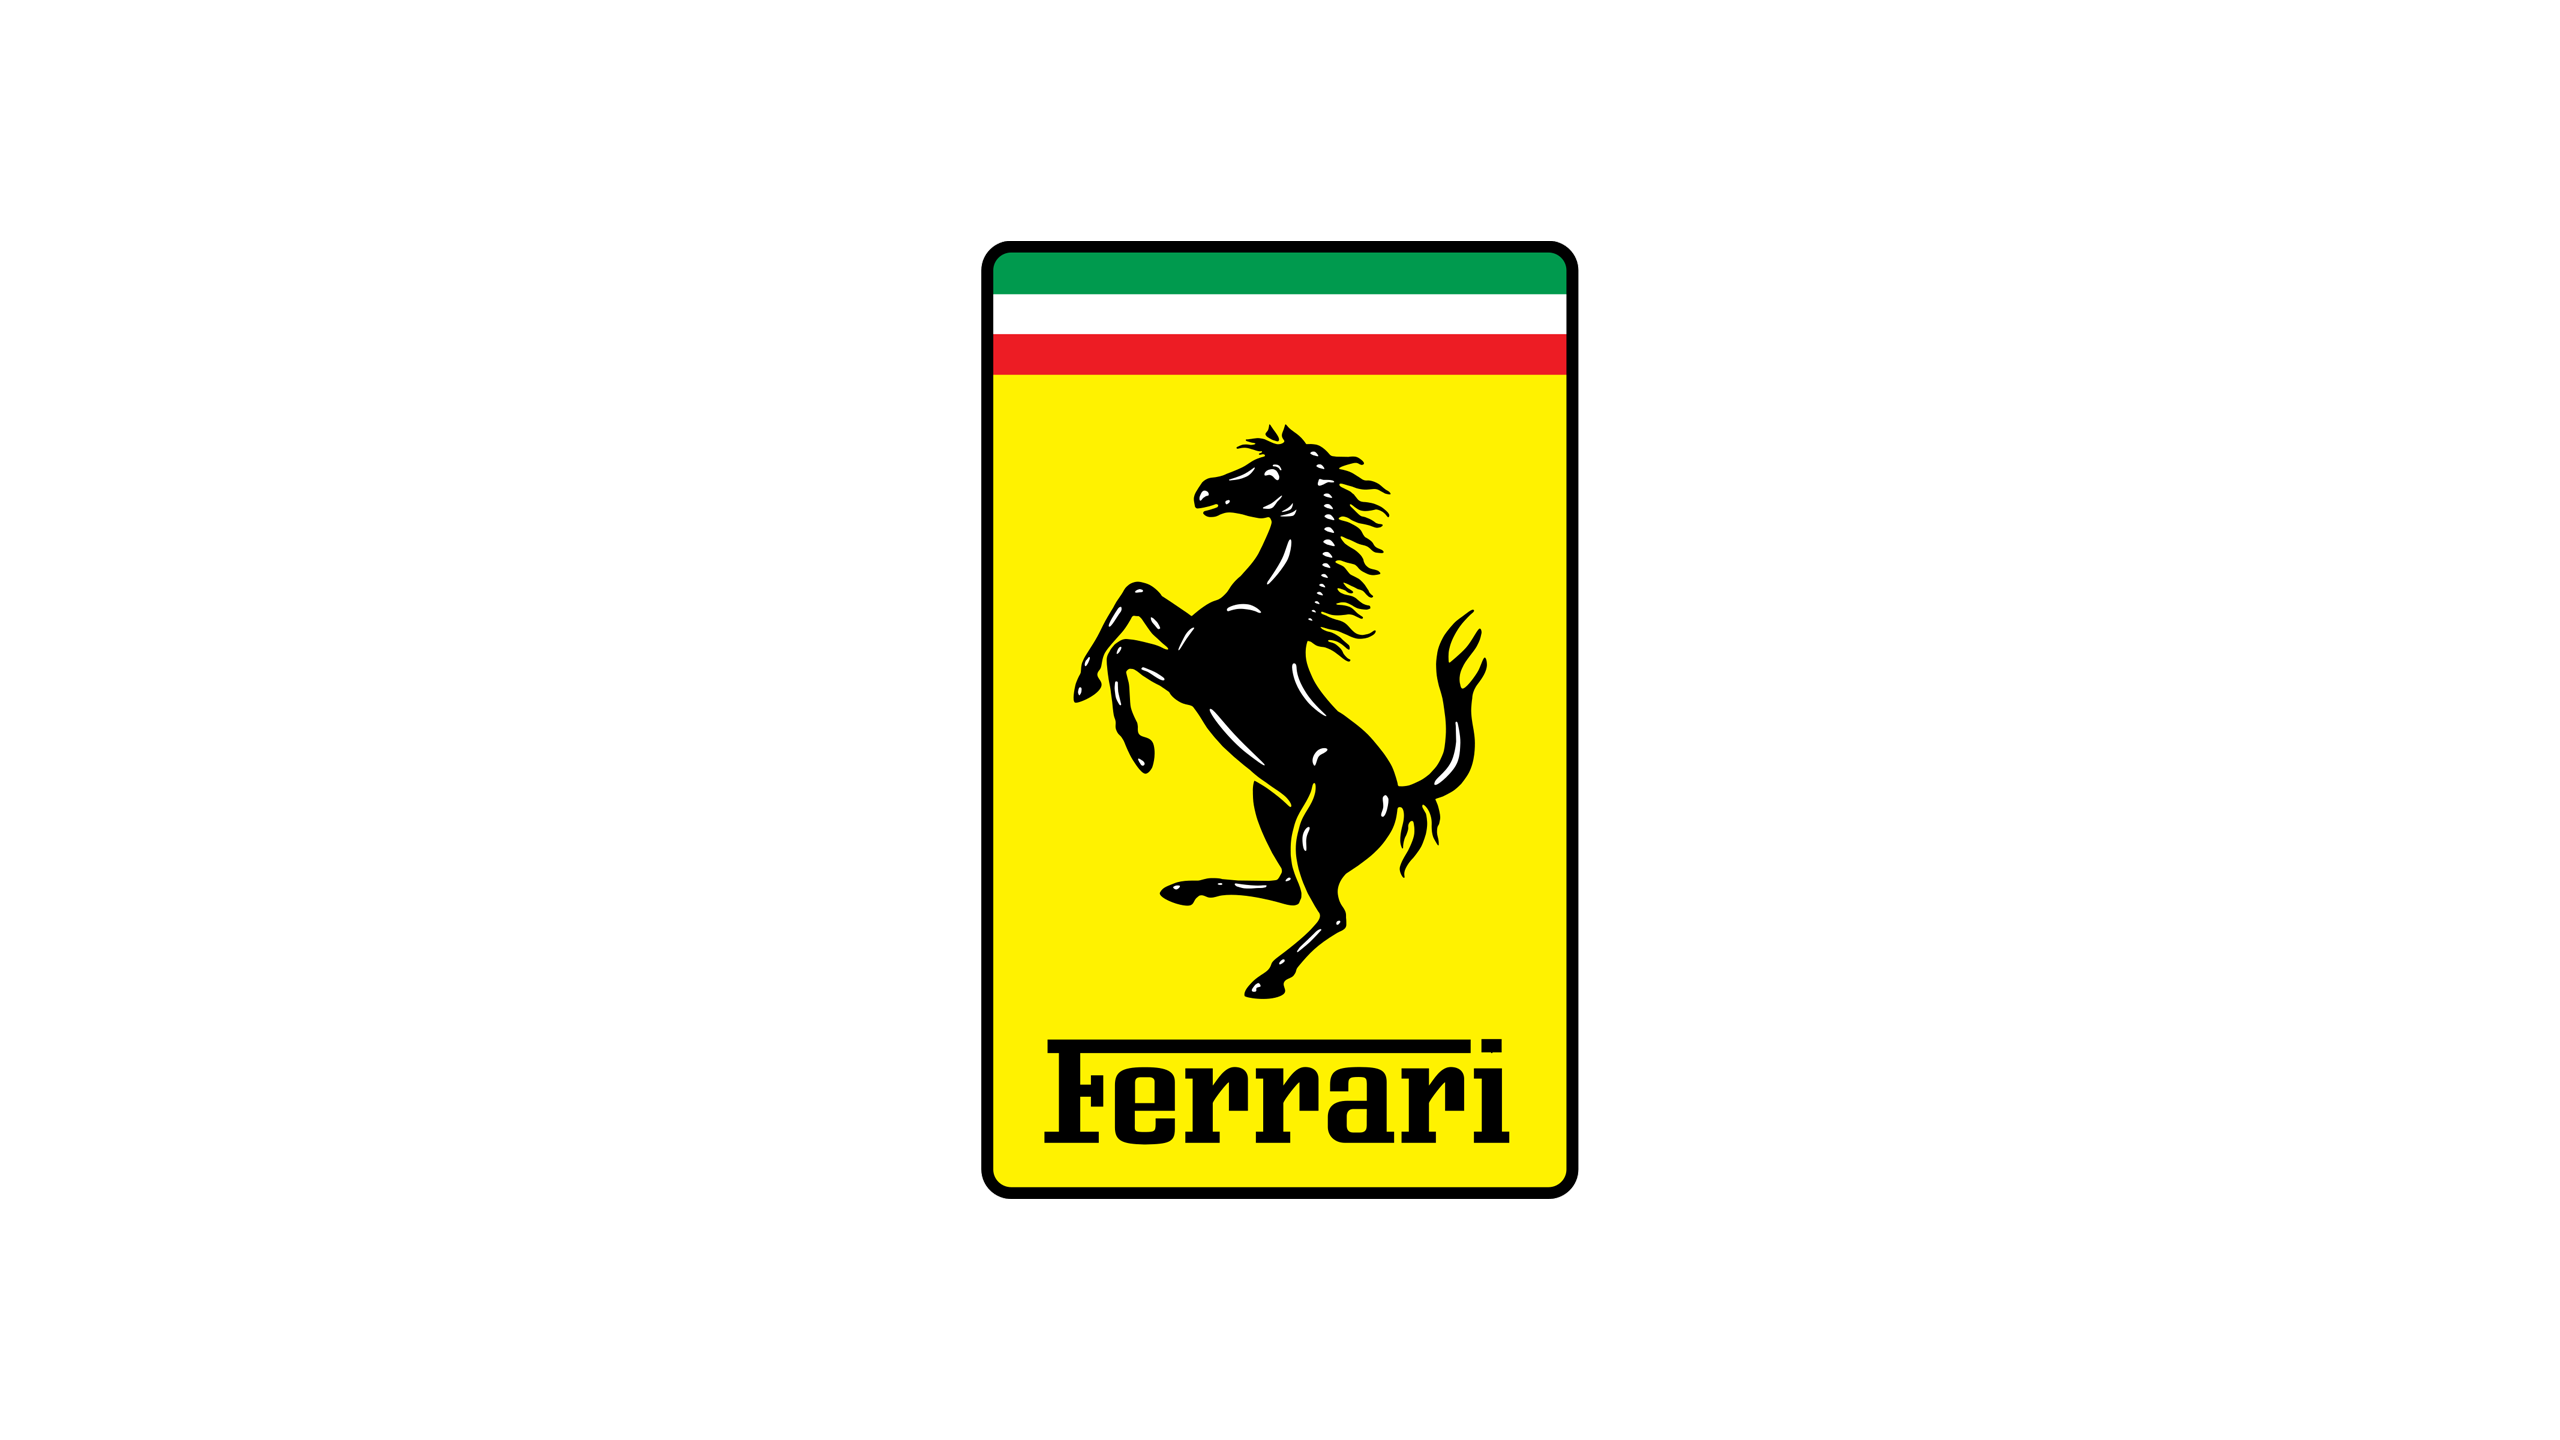 Ferrari Logo Hd Png Meaning Information Carlogos